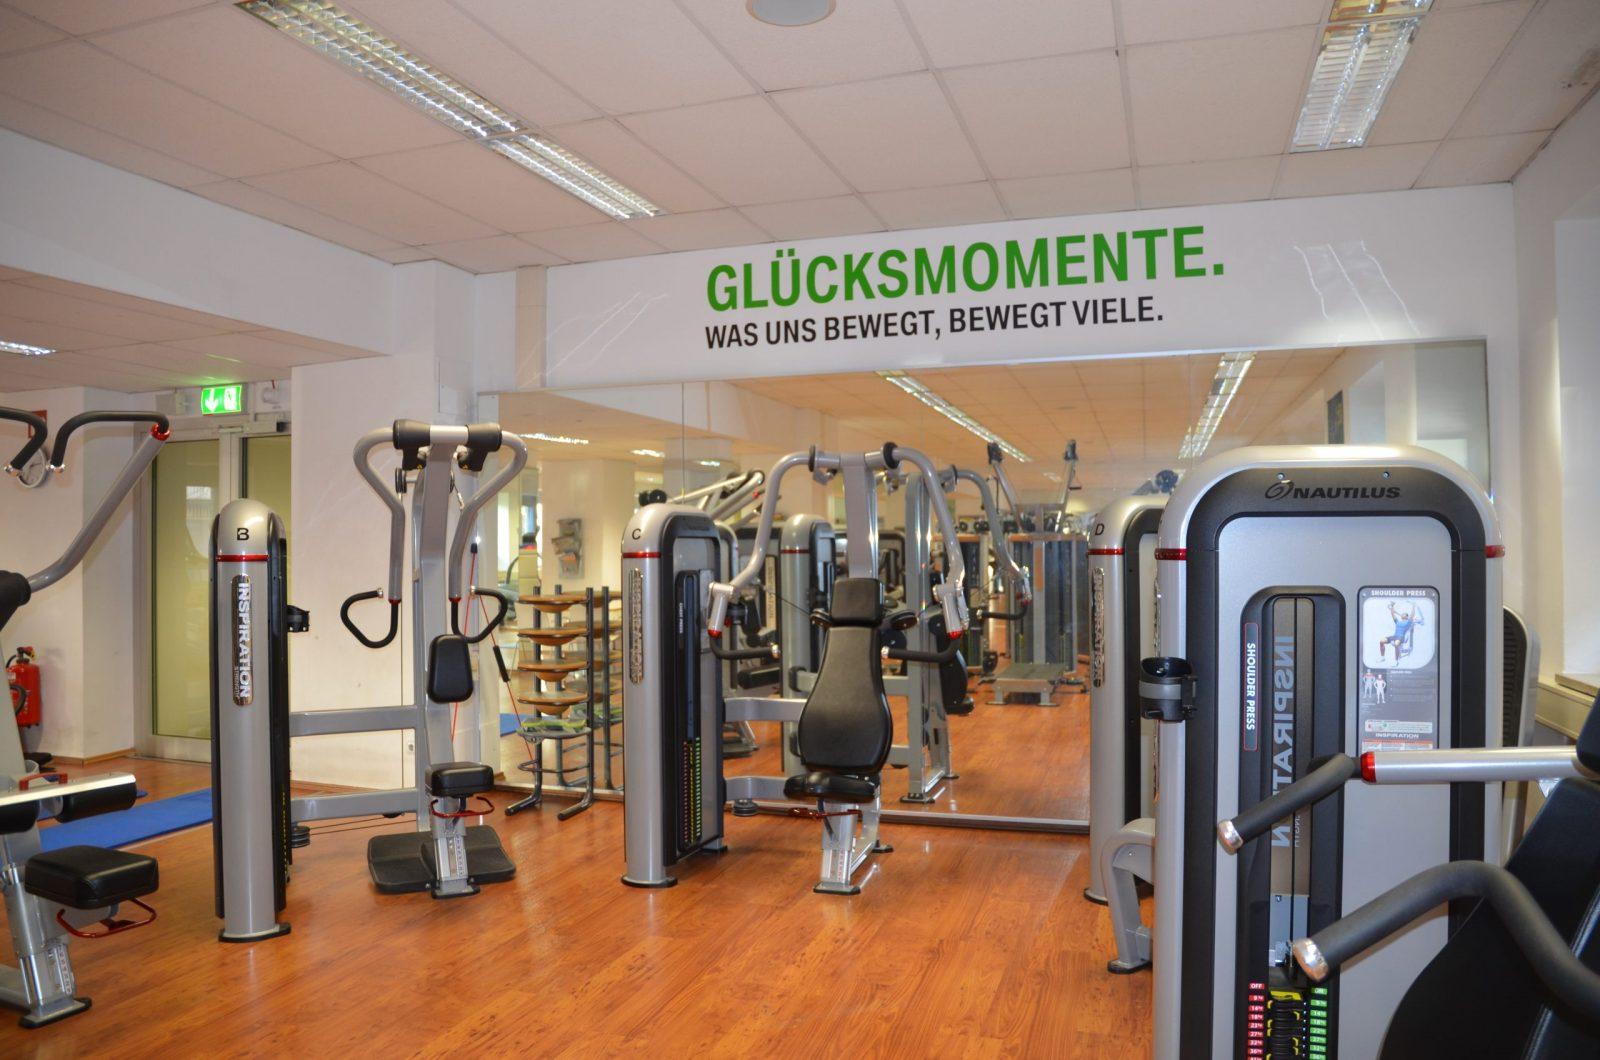 Fitnessgeräte im BMW ProAktiv 2 Fitnesscenter zur betrieblichen Gesundheitsförderung